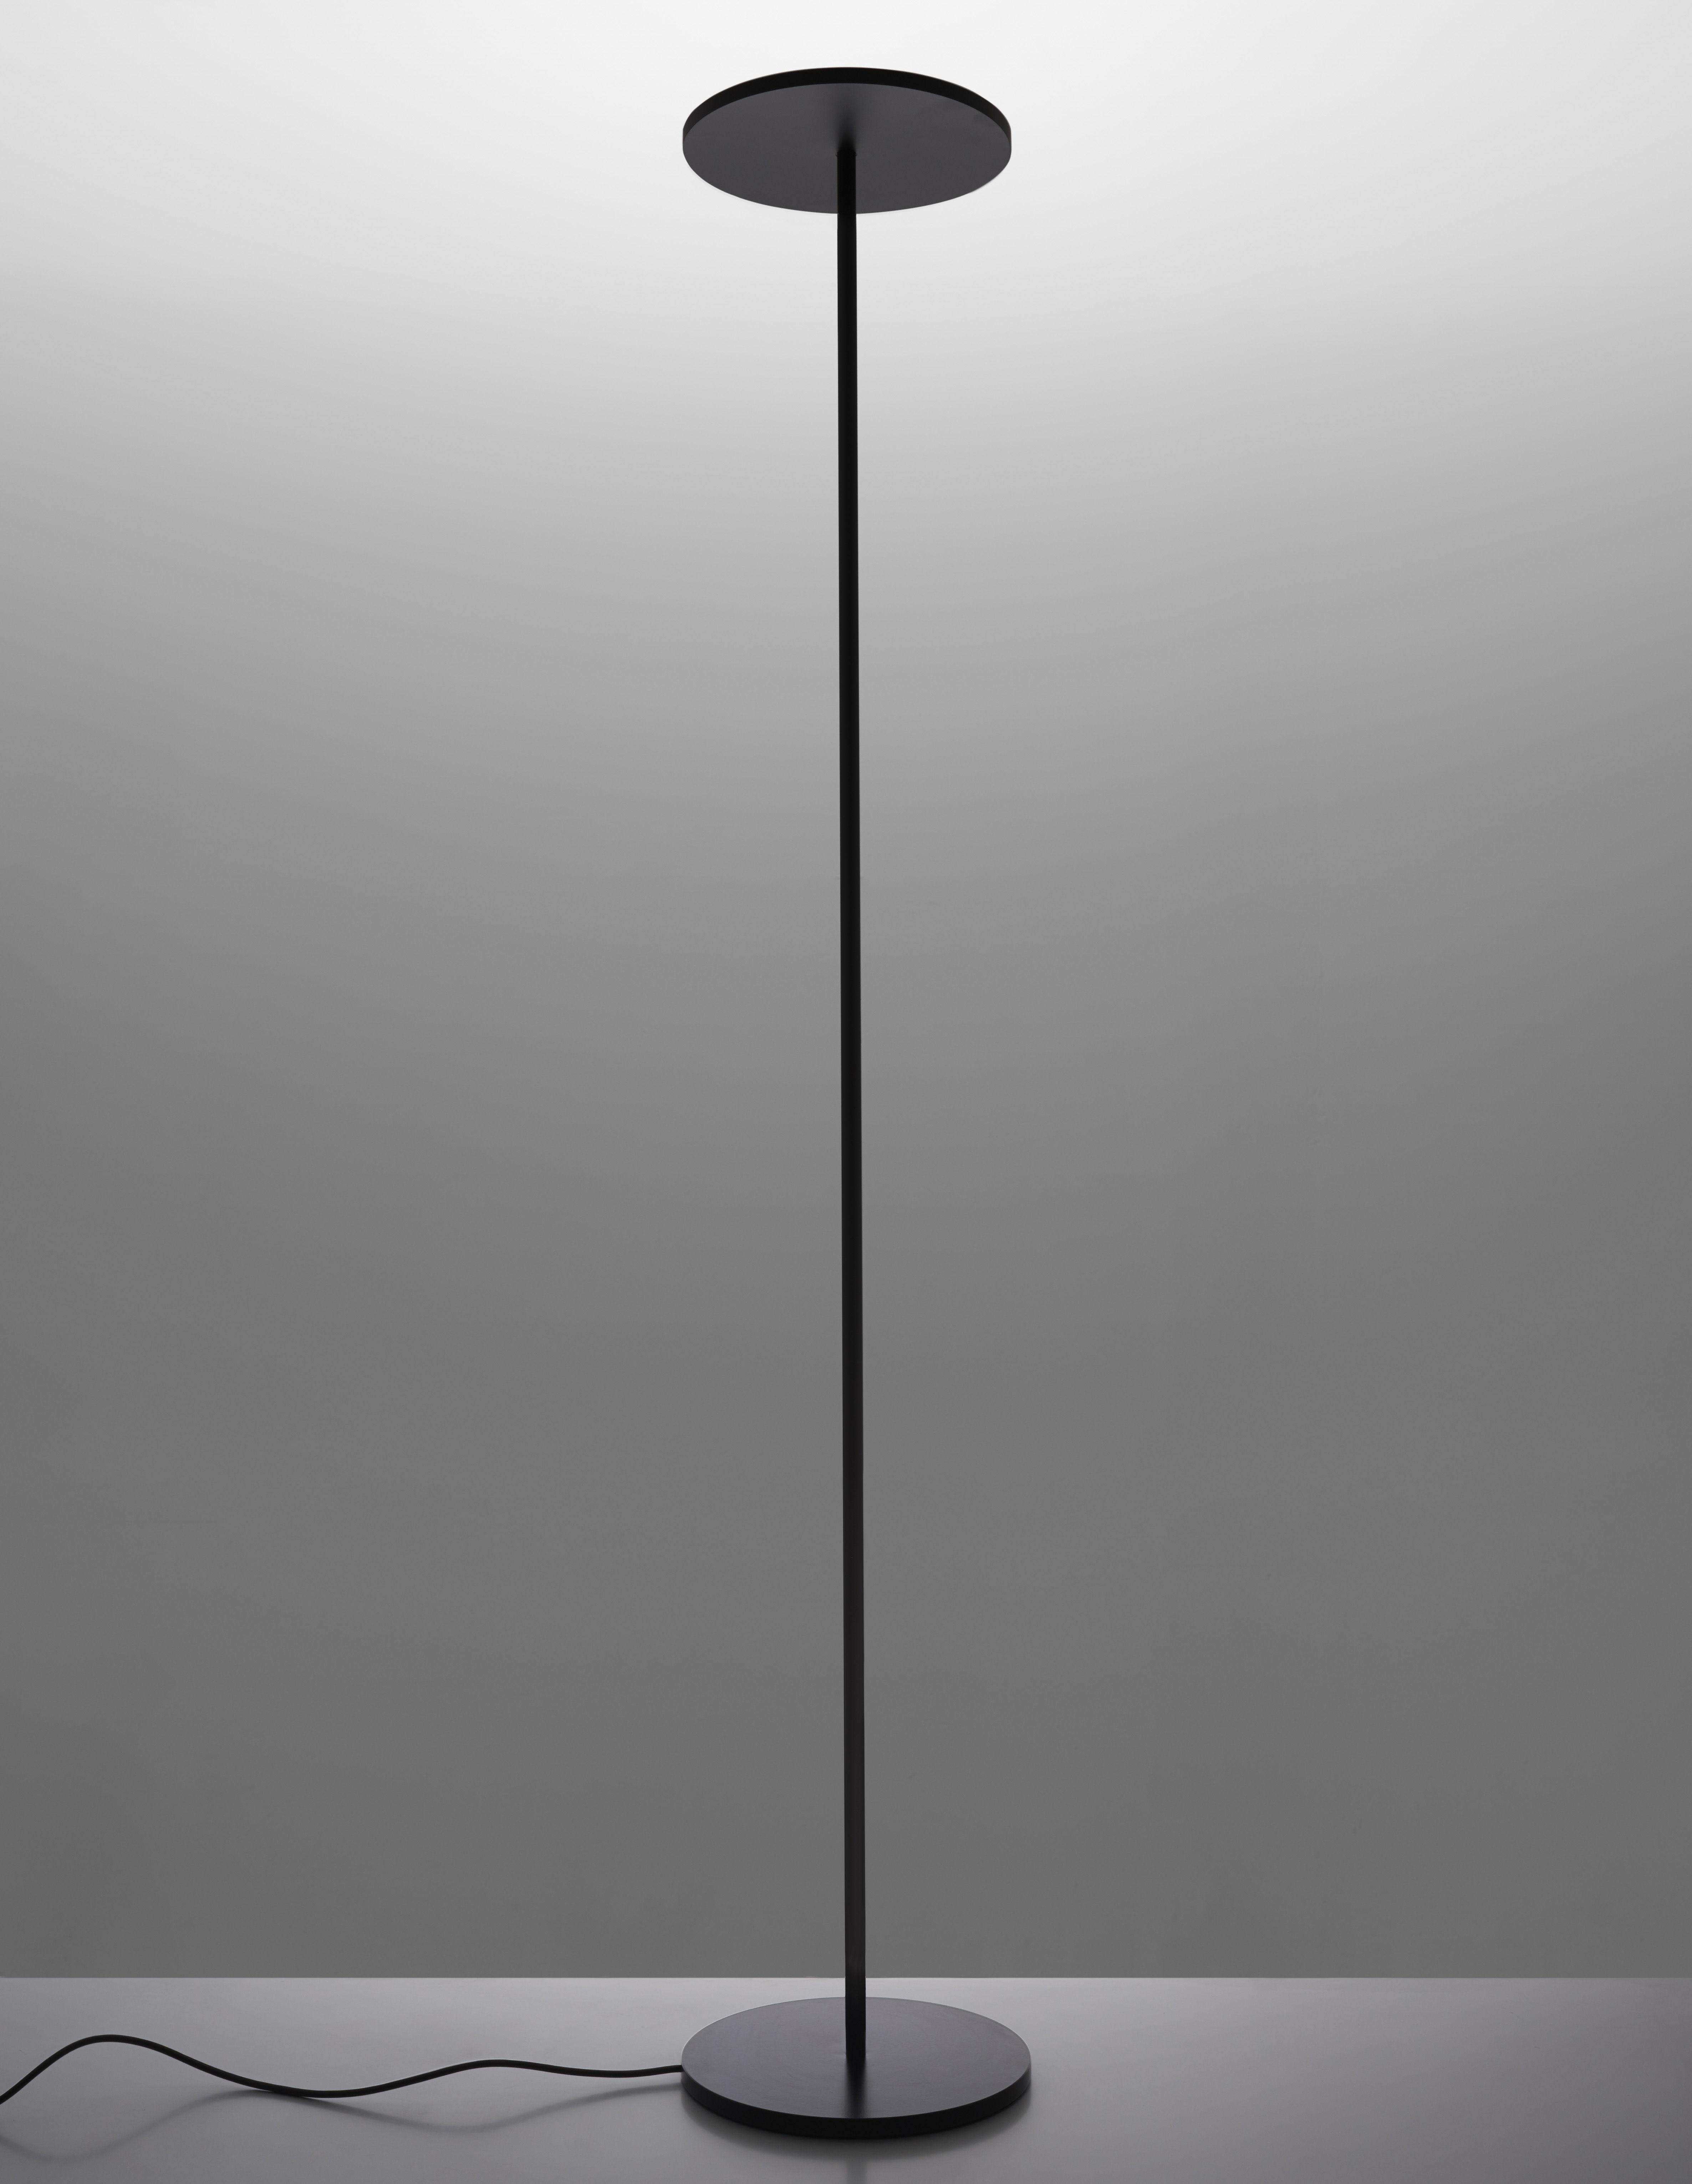 Leuchten - Stehleuchten - Athena Stehleuchte / LED - Artemide - Schwarz - Aluminium, Stahl